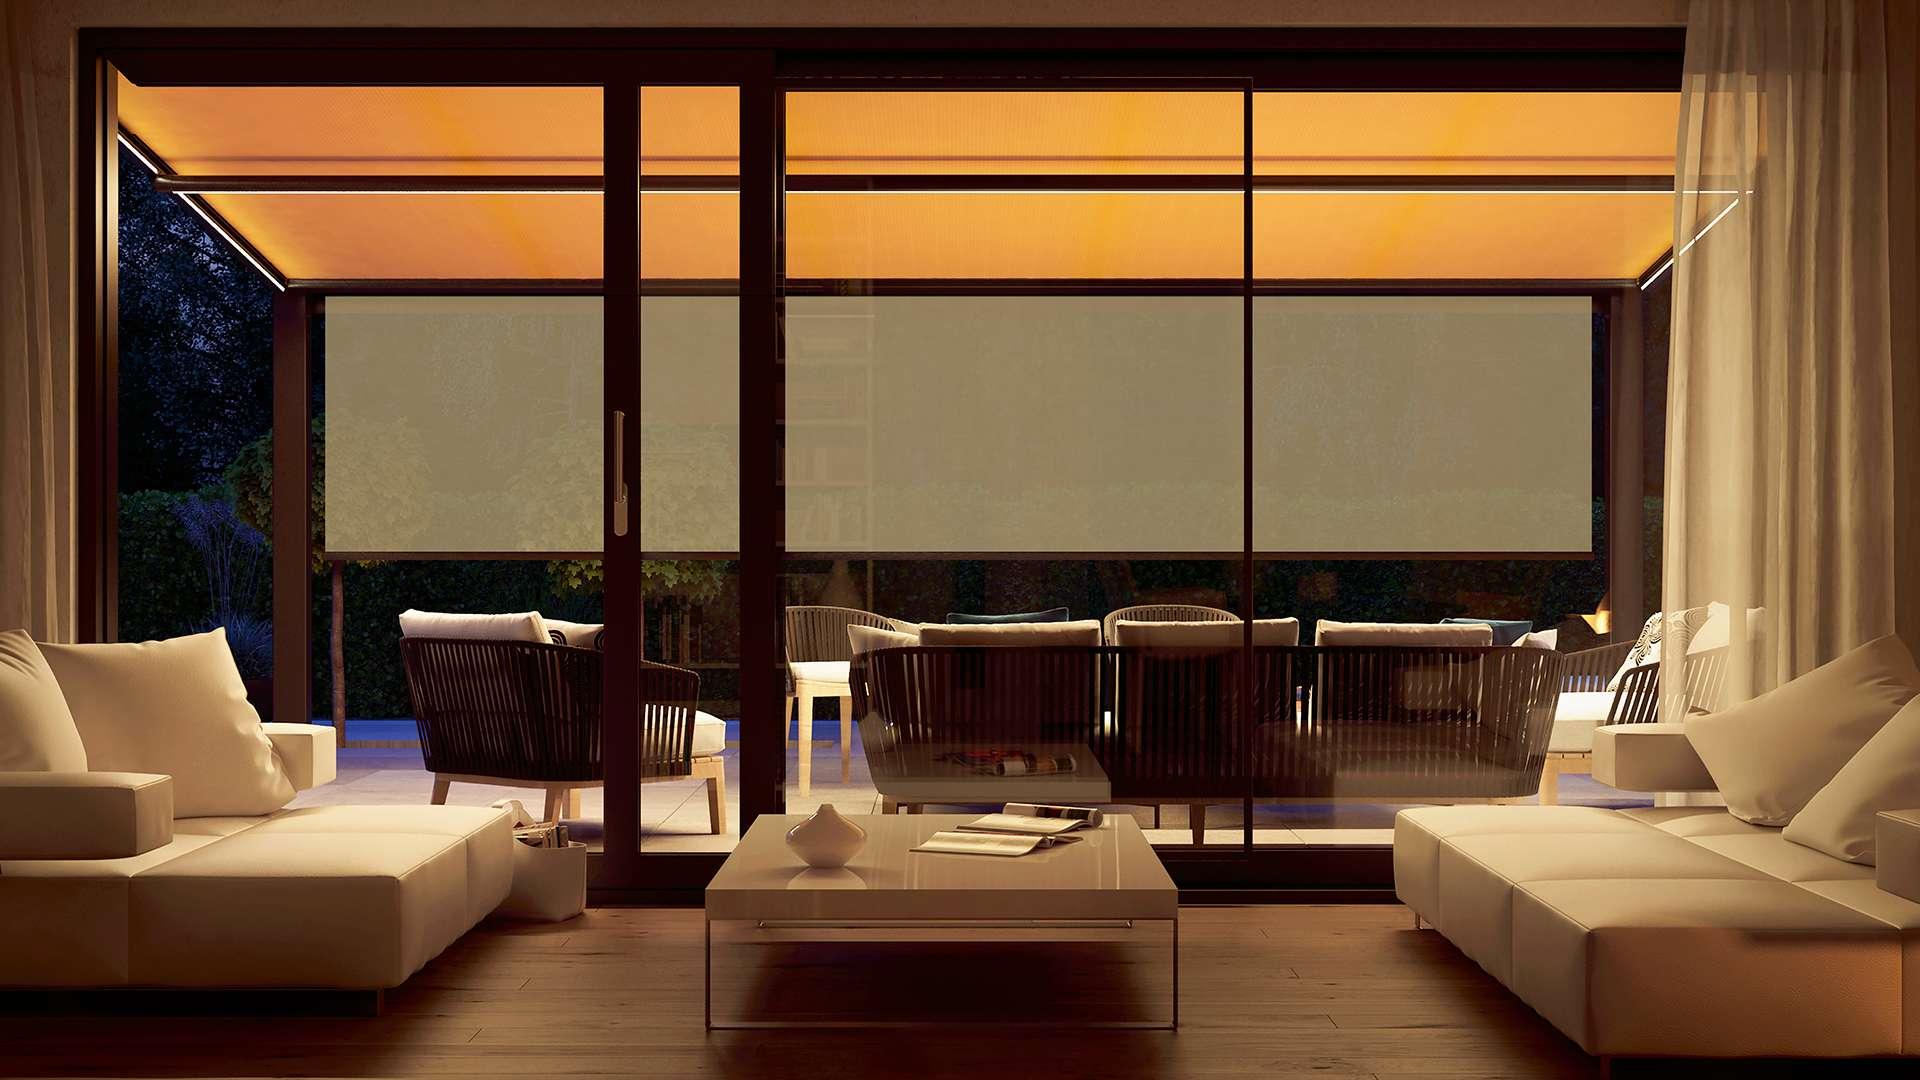 Wohnzimmer mit Glasfront bei Dämmerung mit Blick auf Unterglas-Markise